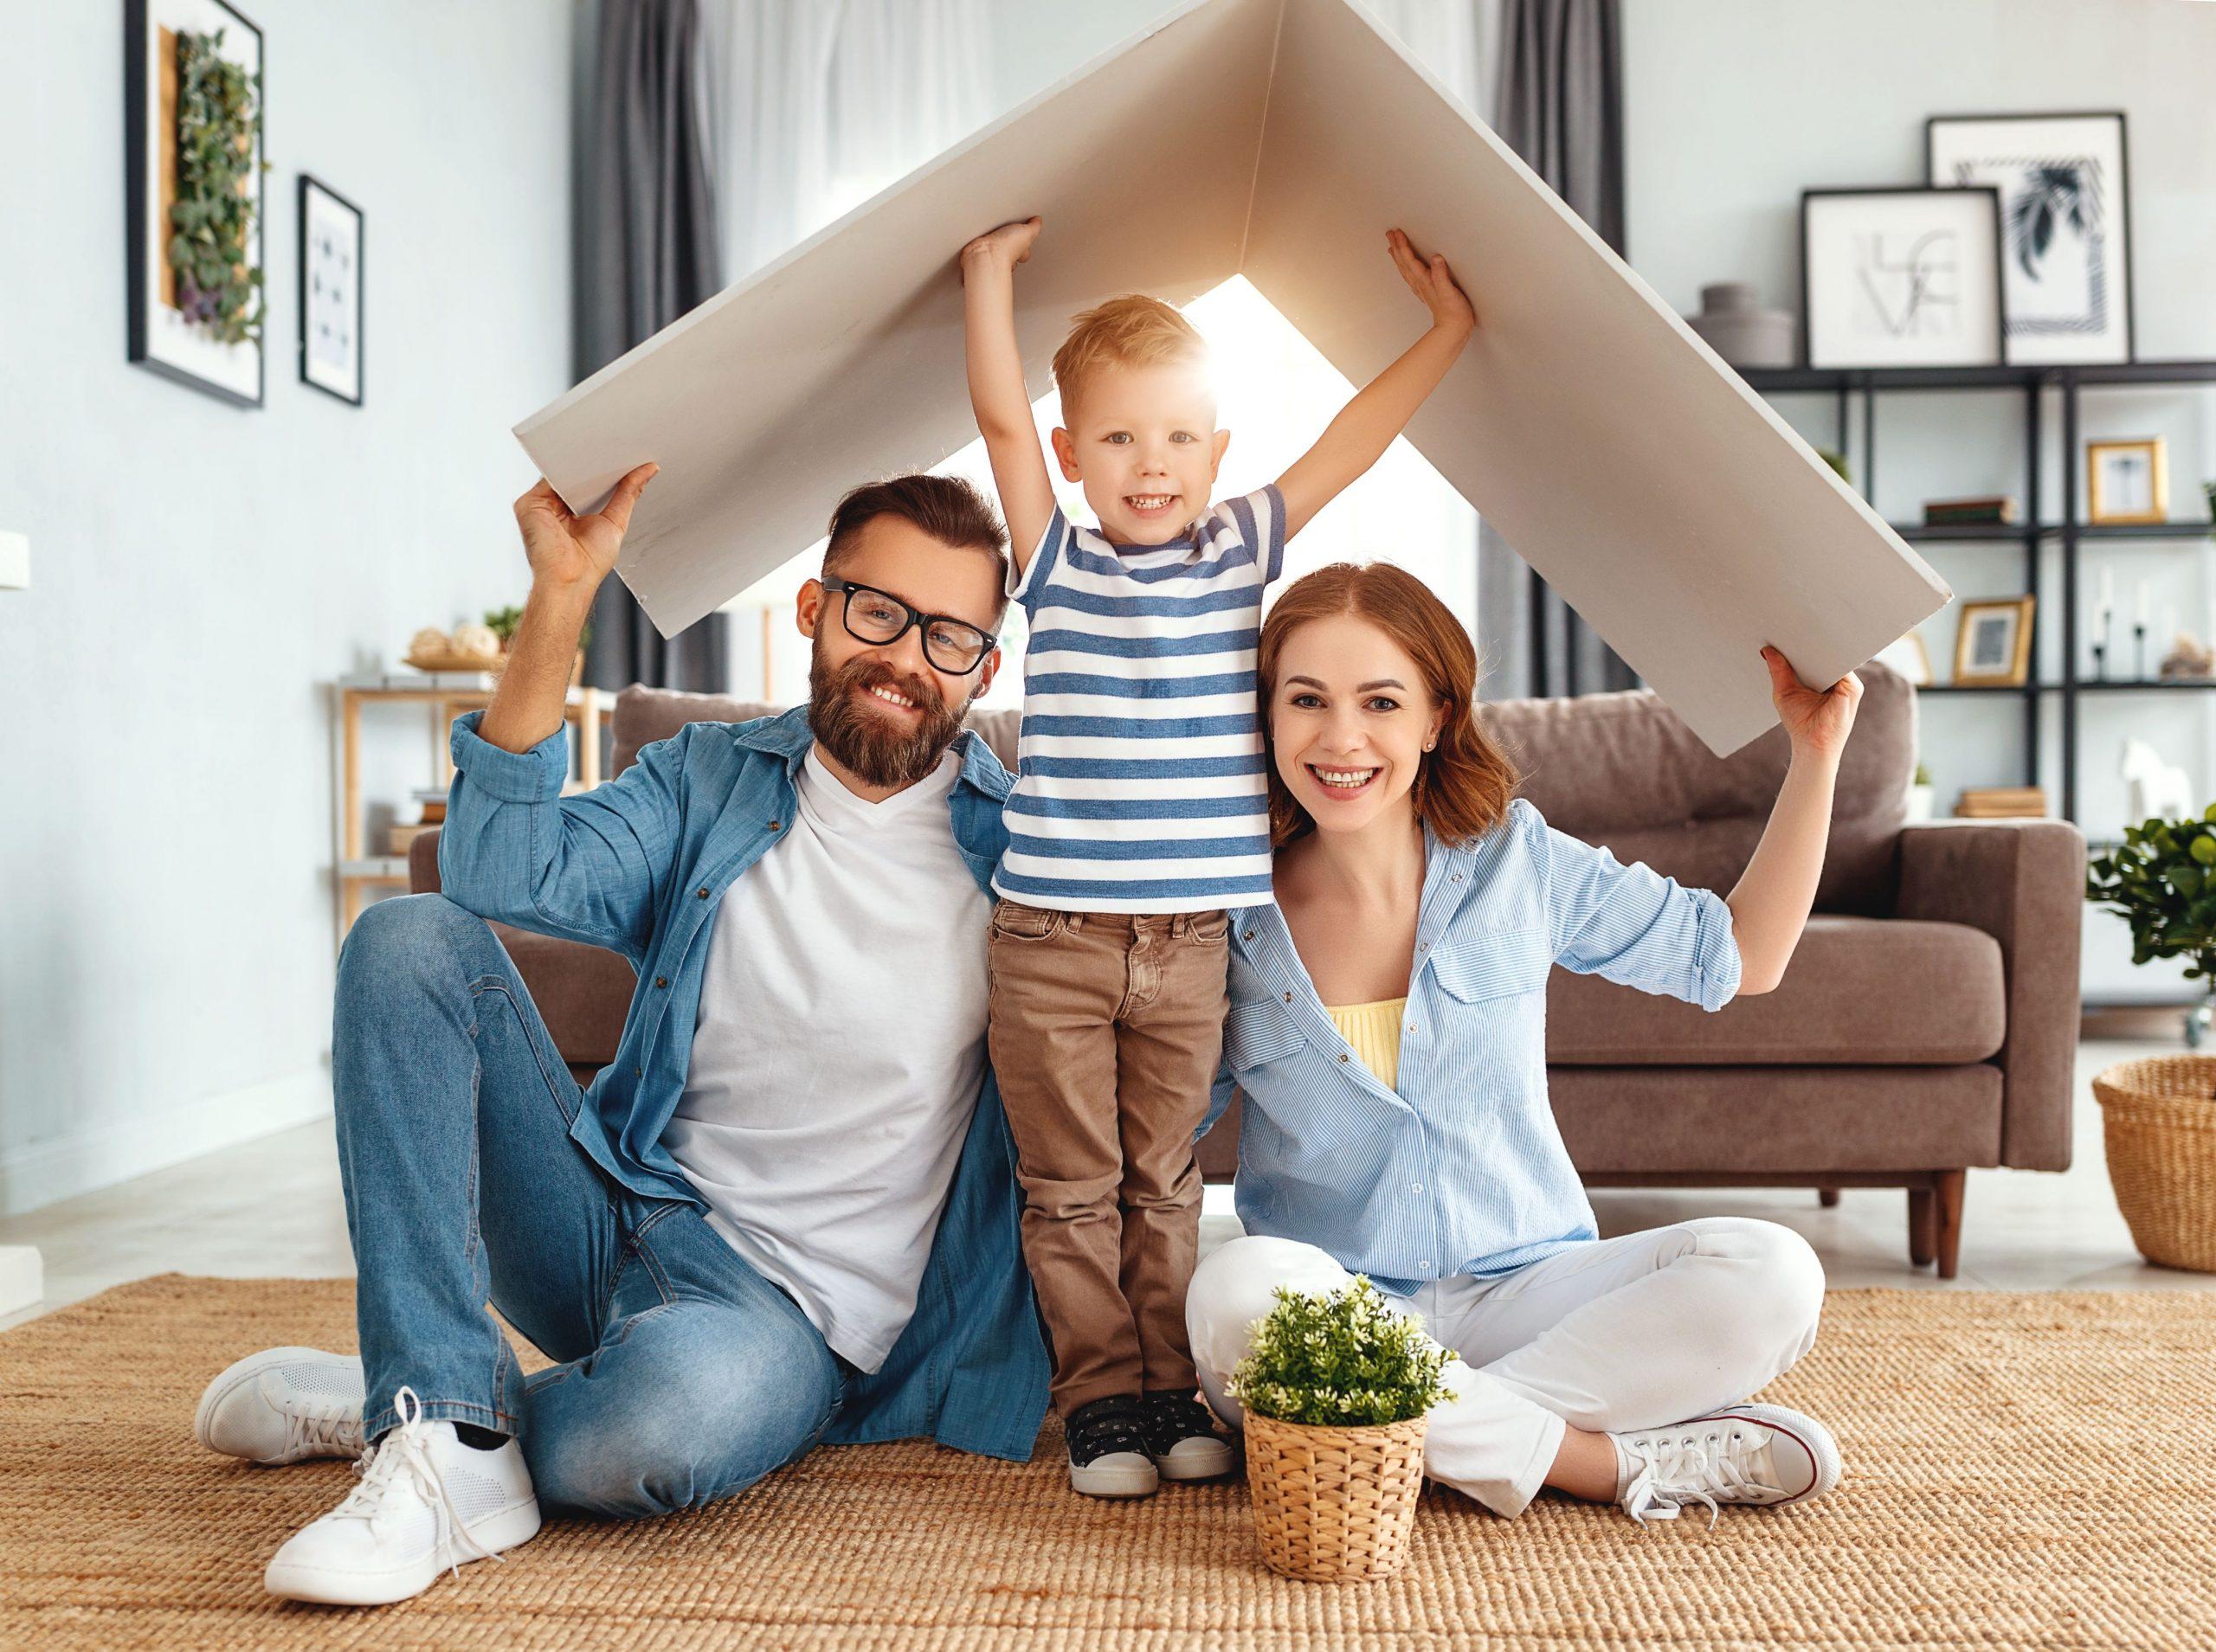 Como adquirir consórcio contemplado com a Cartas de Crédito? Conheça as promoções do dia!